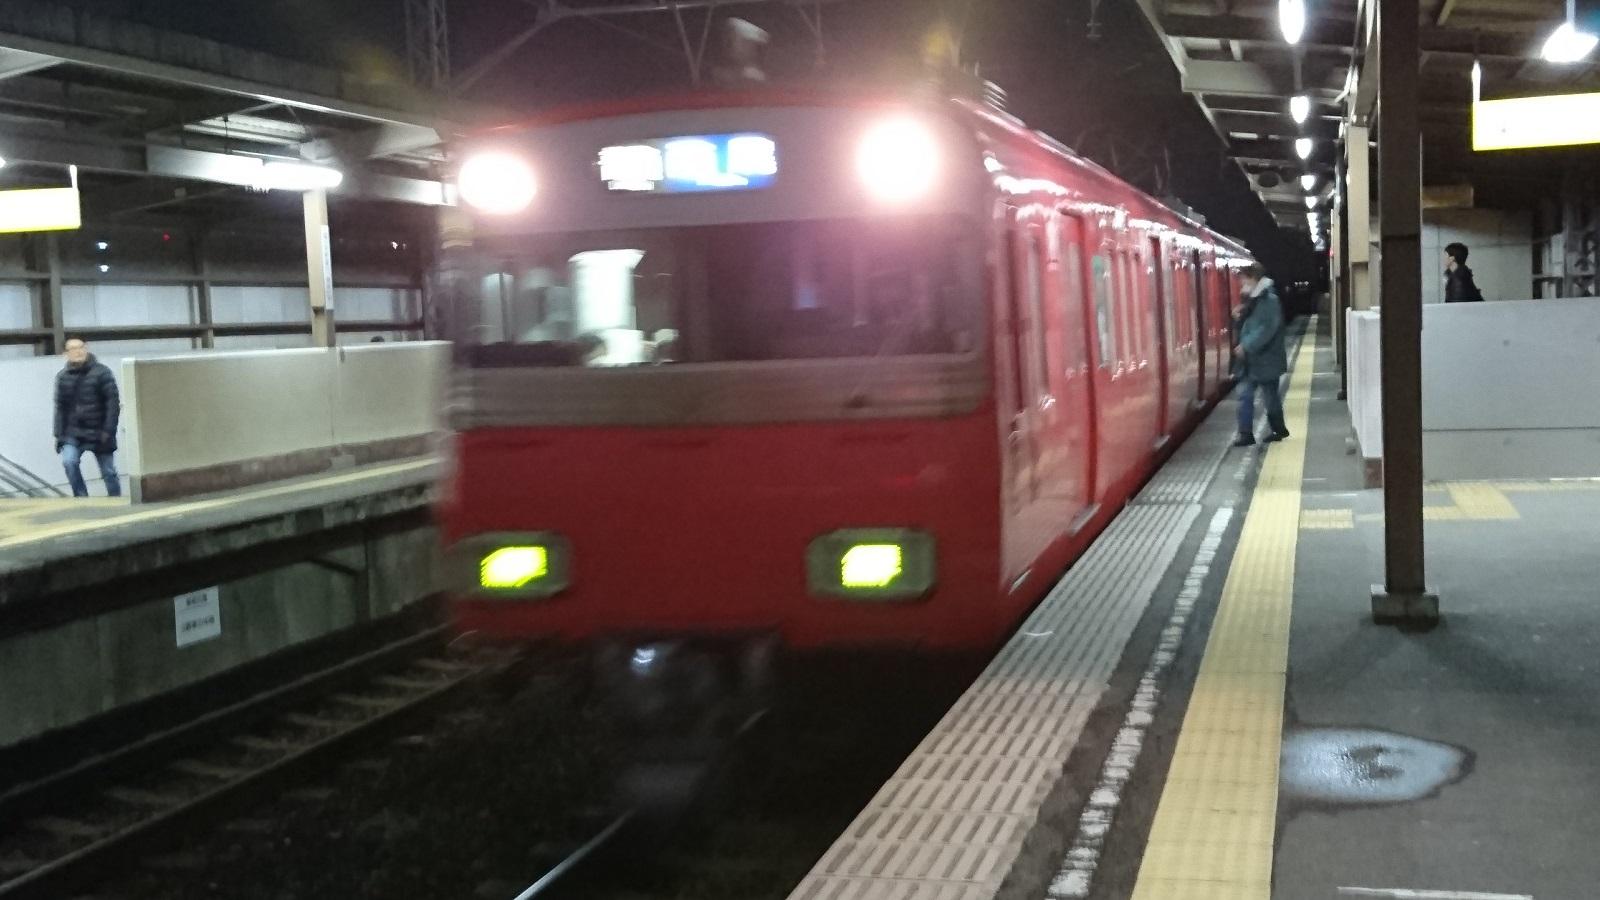 2016.12.23 井伊谷からのかえり (4) みなみあんじょう - 西尾いきふつう 1600-900